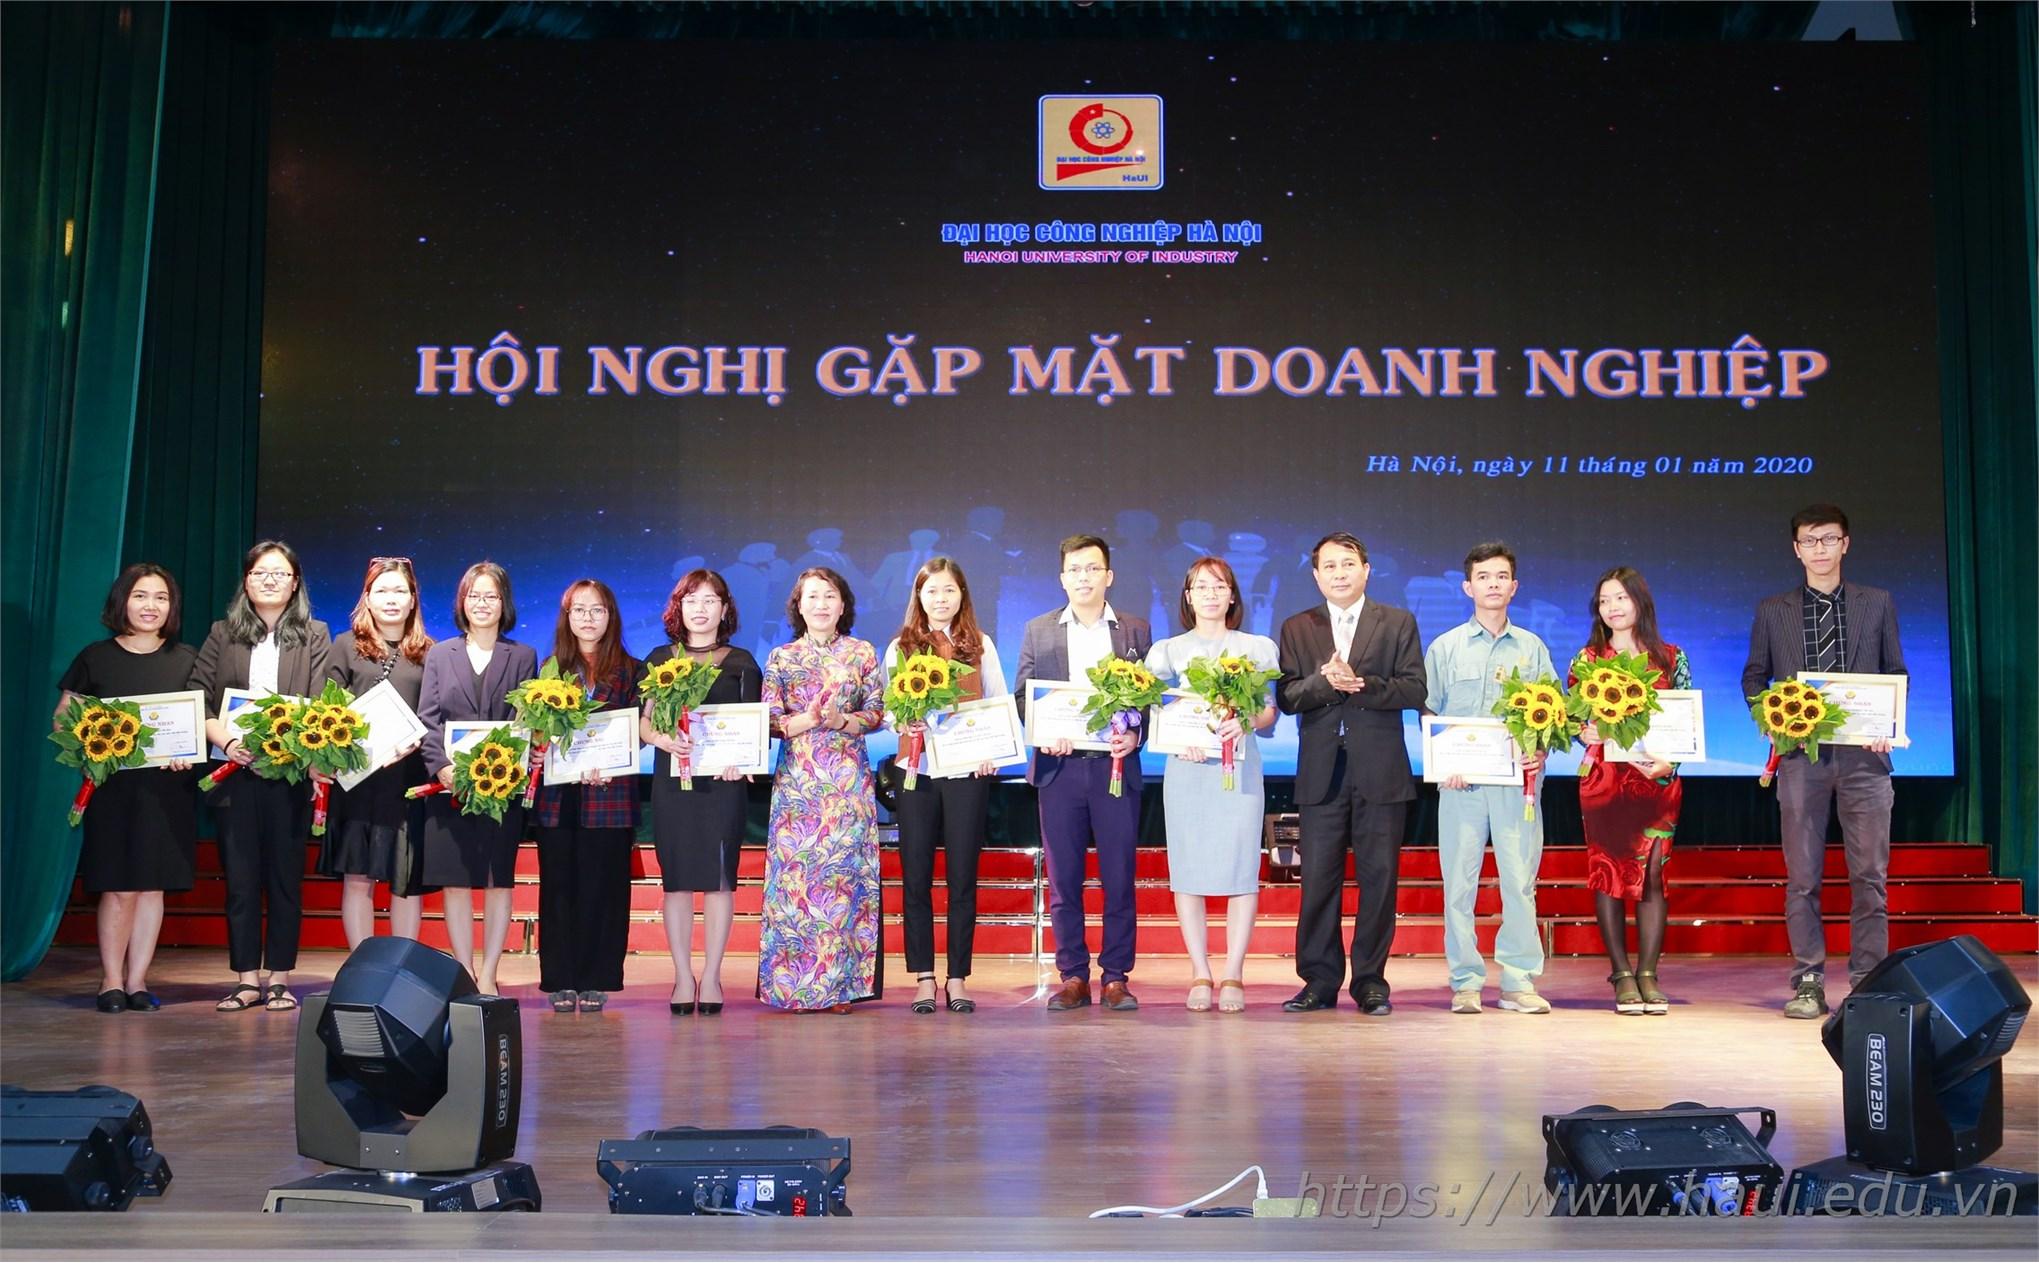 Đại học Công nghiệp Hà Nội tổ chức Hội nghị tổng kết và gặp mặt hơn 100 doanh nghiệp